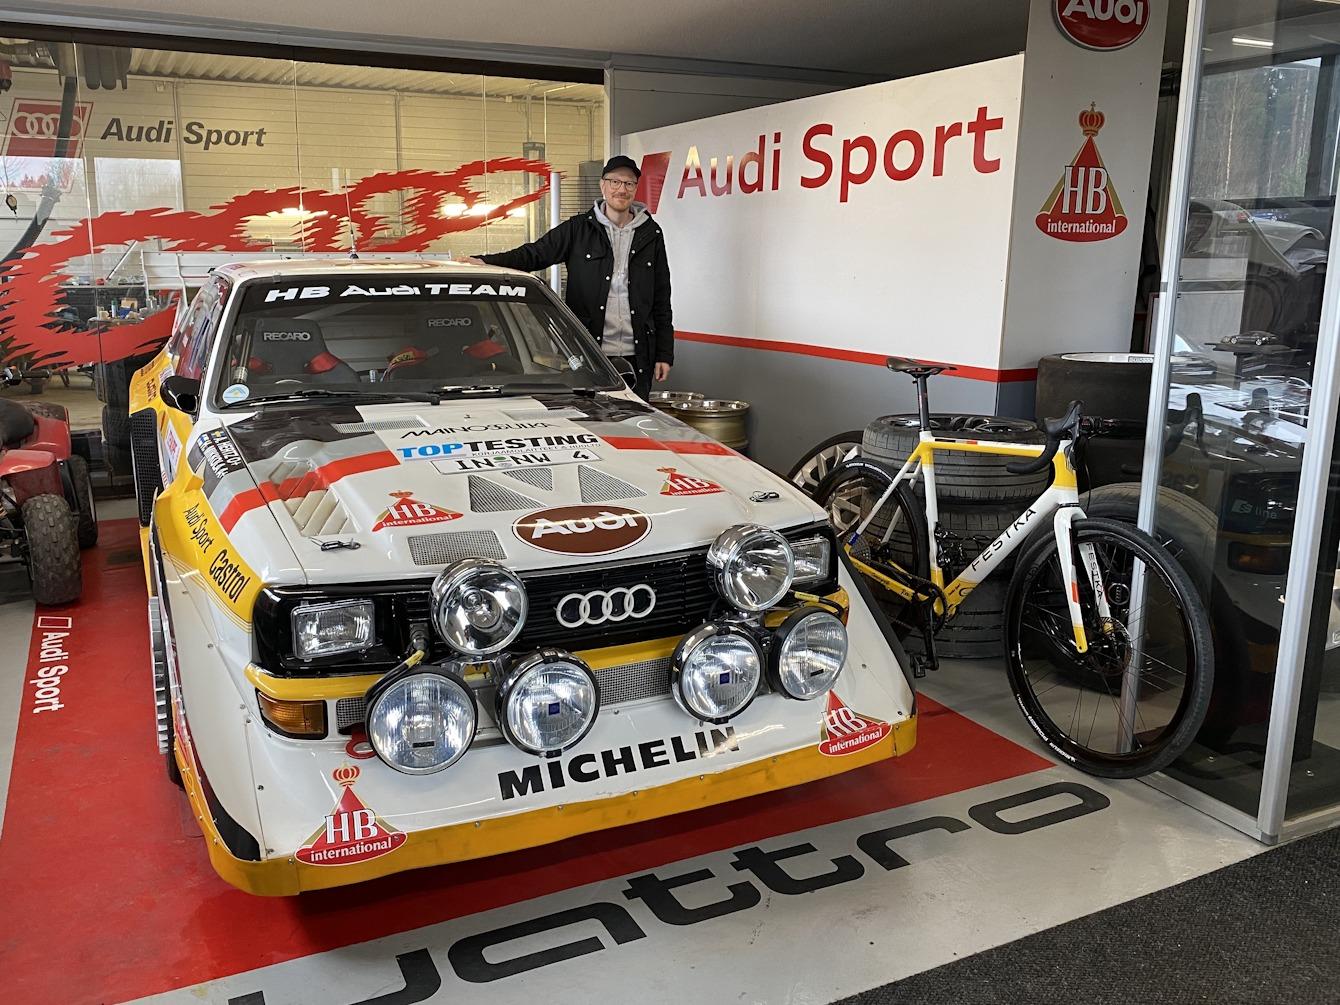 feskta antti and rally car